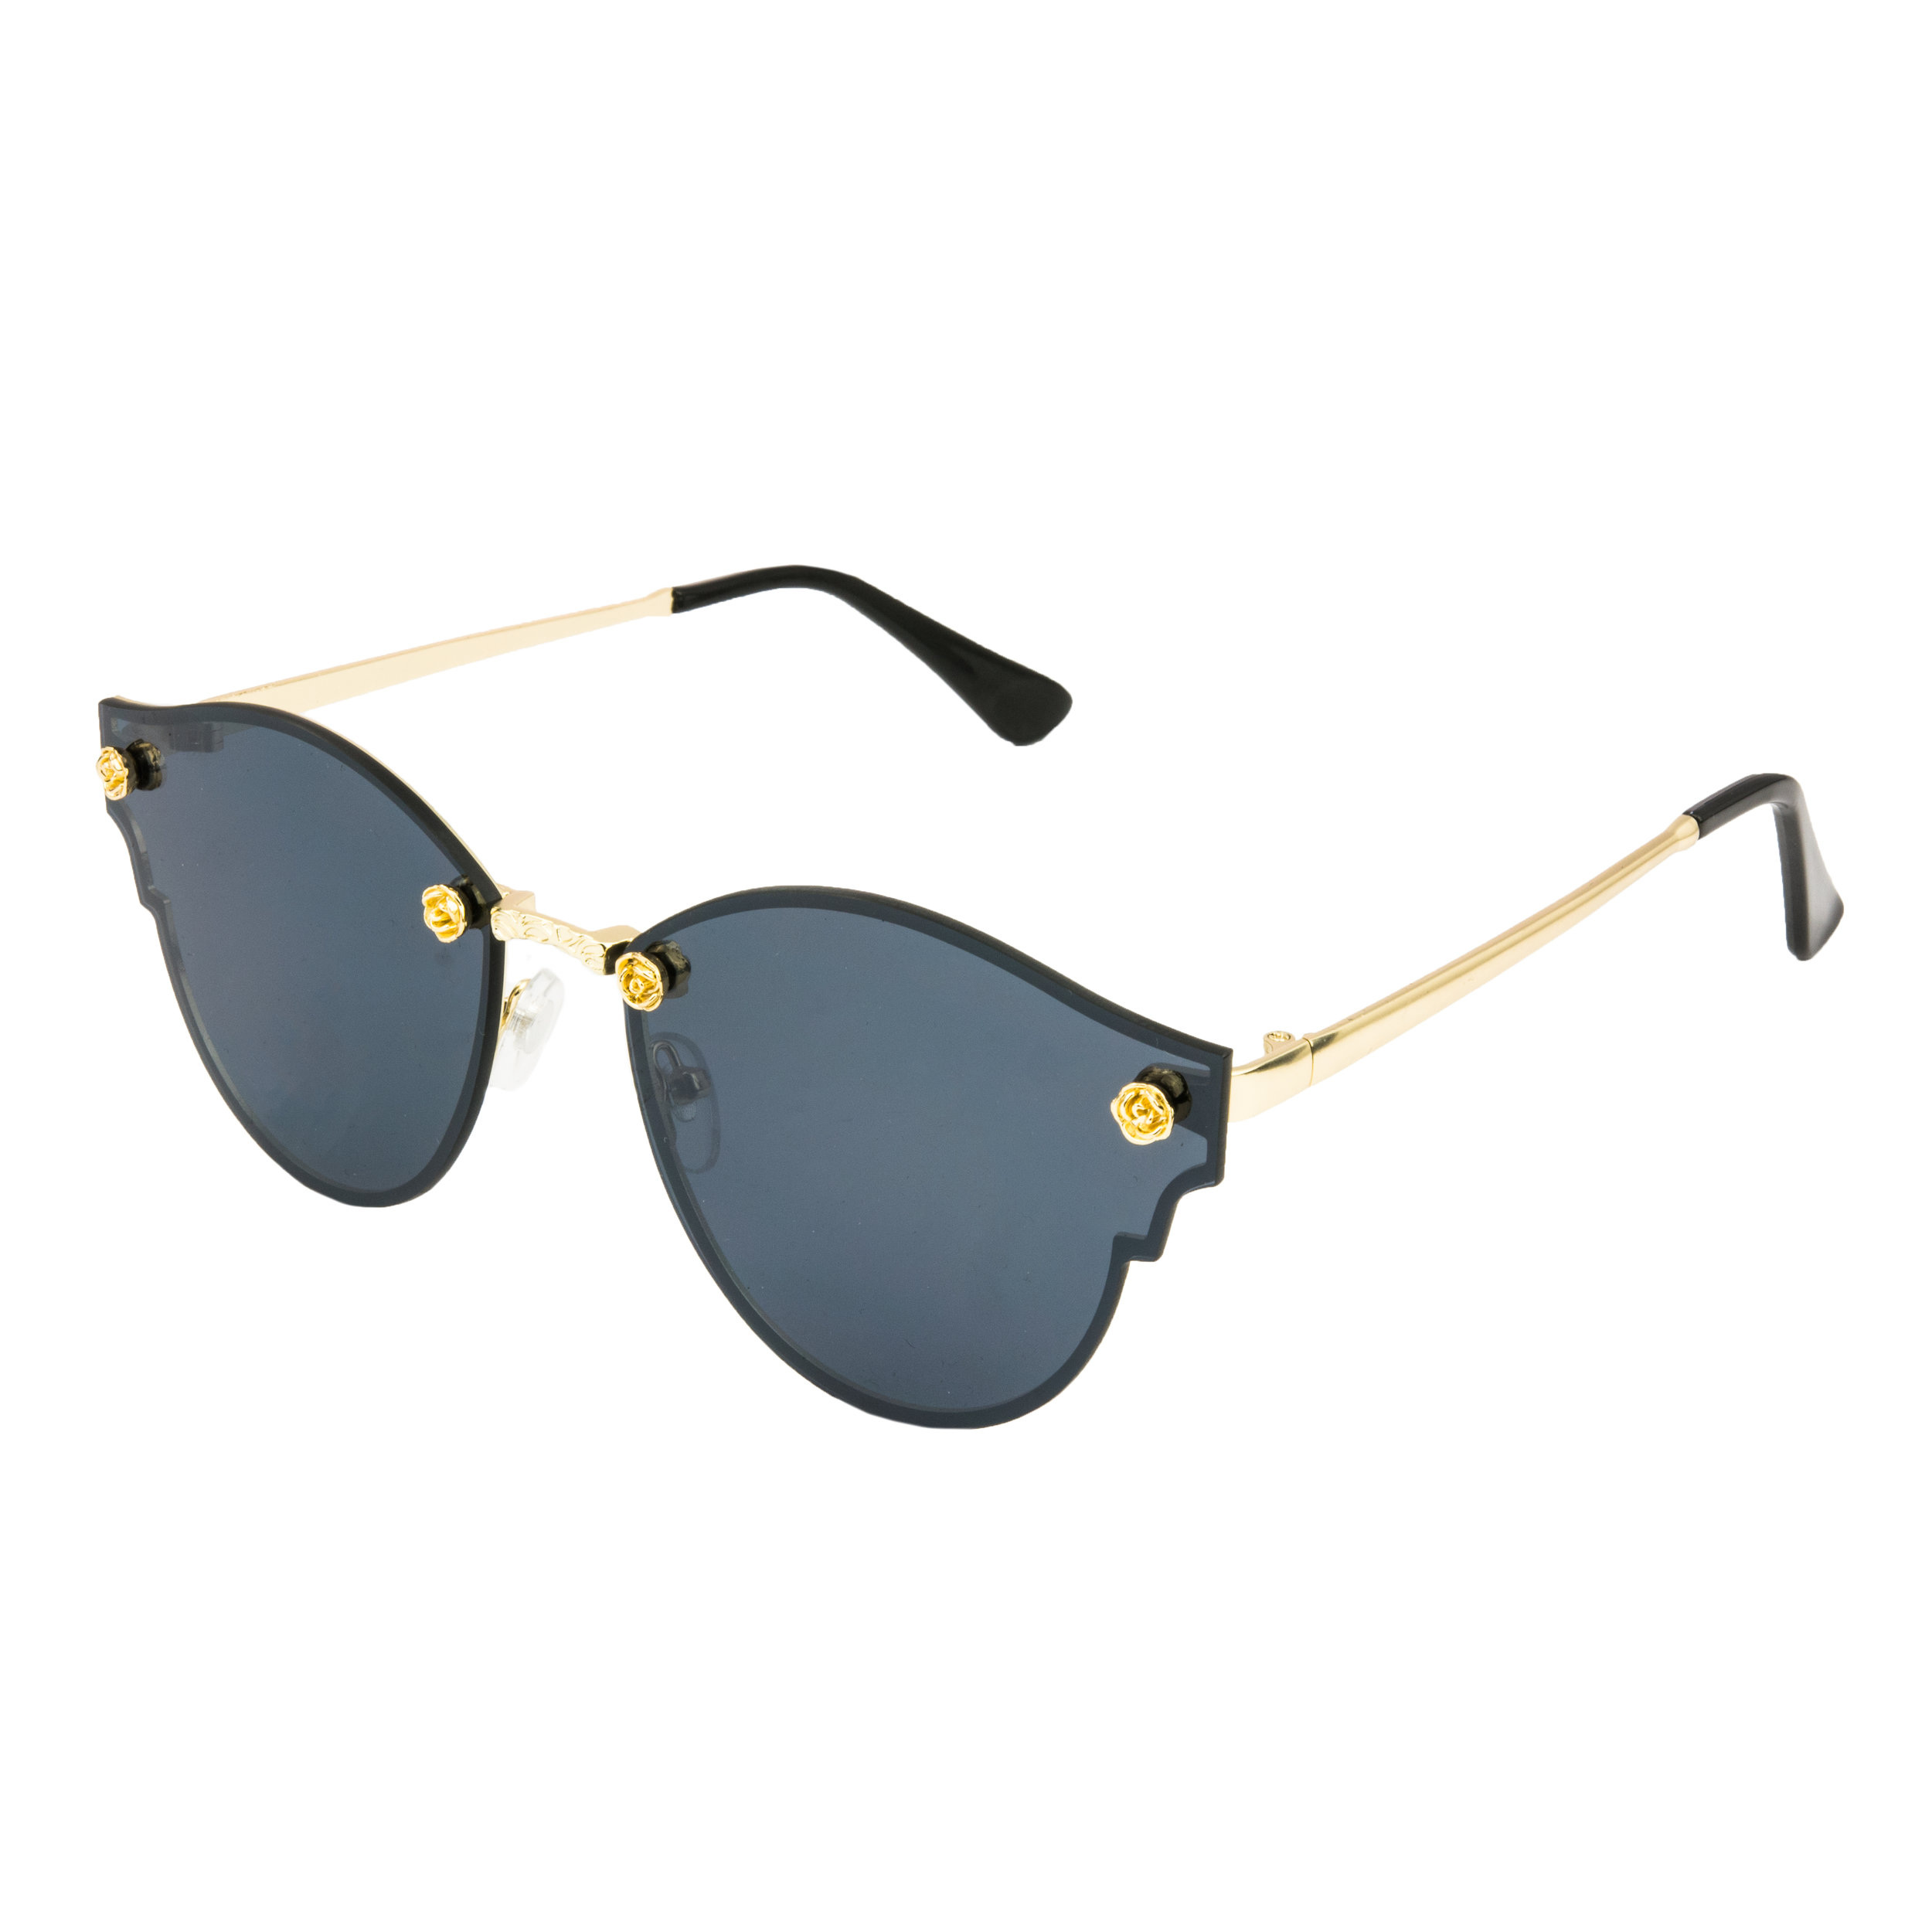 Sonnenbrille schwarz gold.jpg